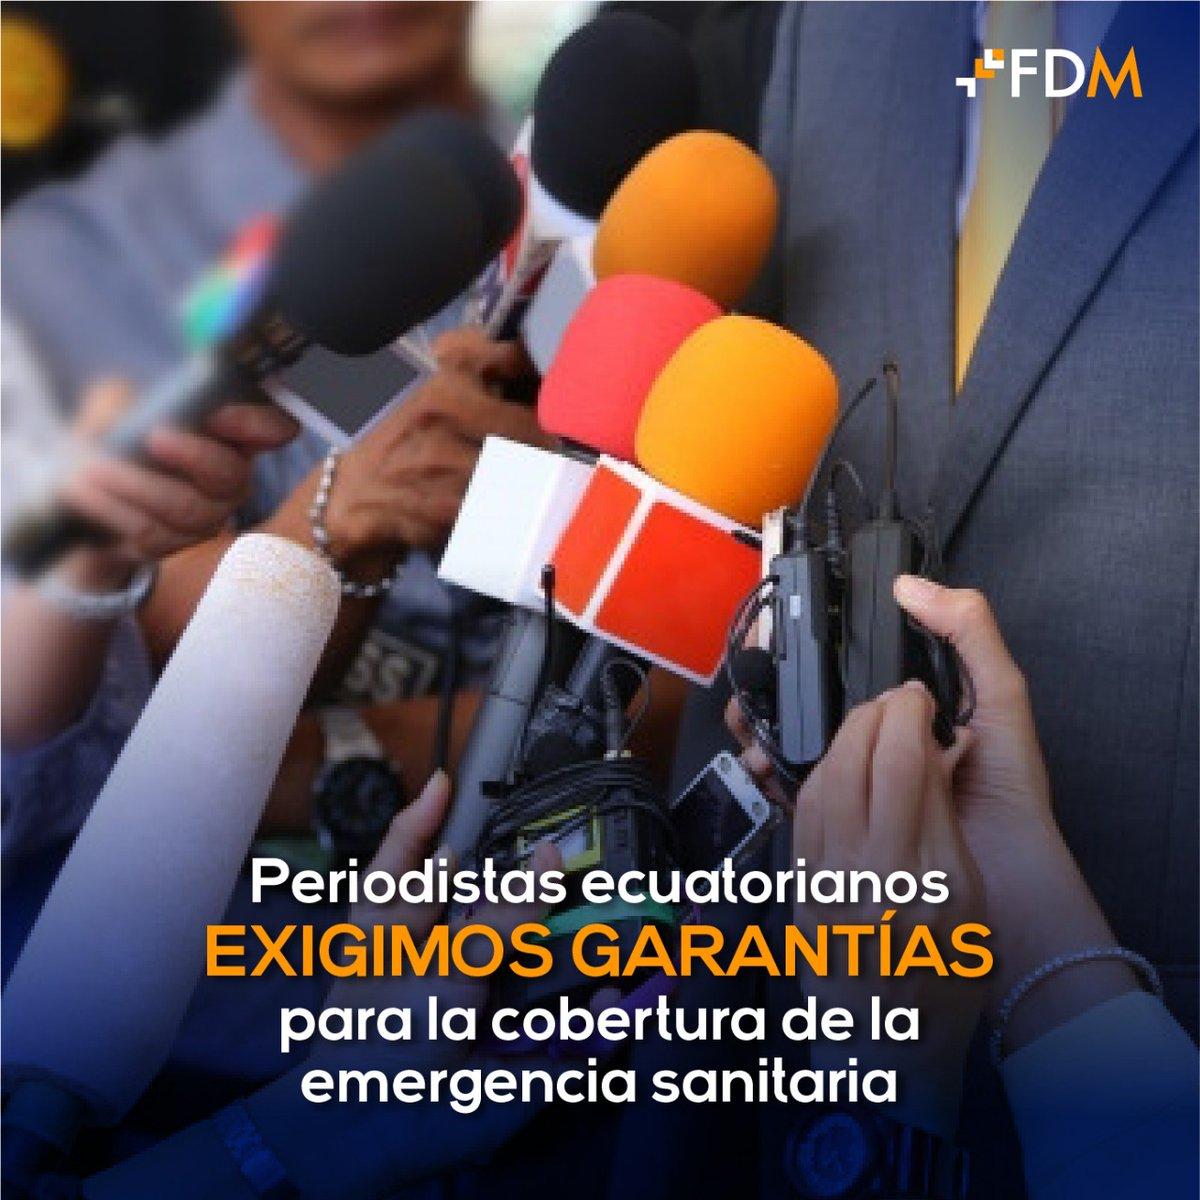 #Pronunciamiento   Periodistas ecuatorianos exigimos garantías para la cobertura de la emergencia sanitaria. Exigimos al Comité para la Protección de Periodistas dar acceso a test de #COVID19, servicios de salud integral y protección de derechos laborales: https://t.co/HL6YVXhUVx https://t.co/4wYy8Z7xiz